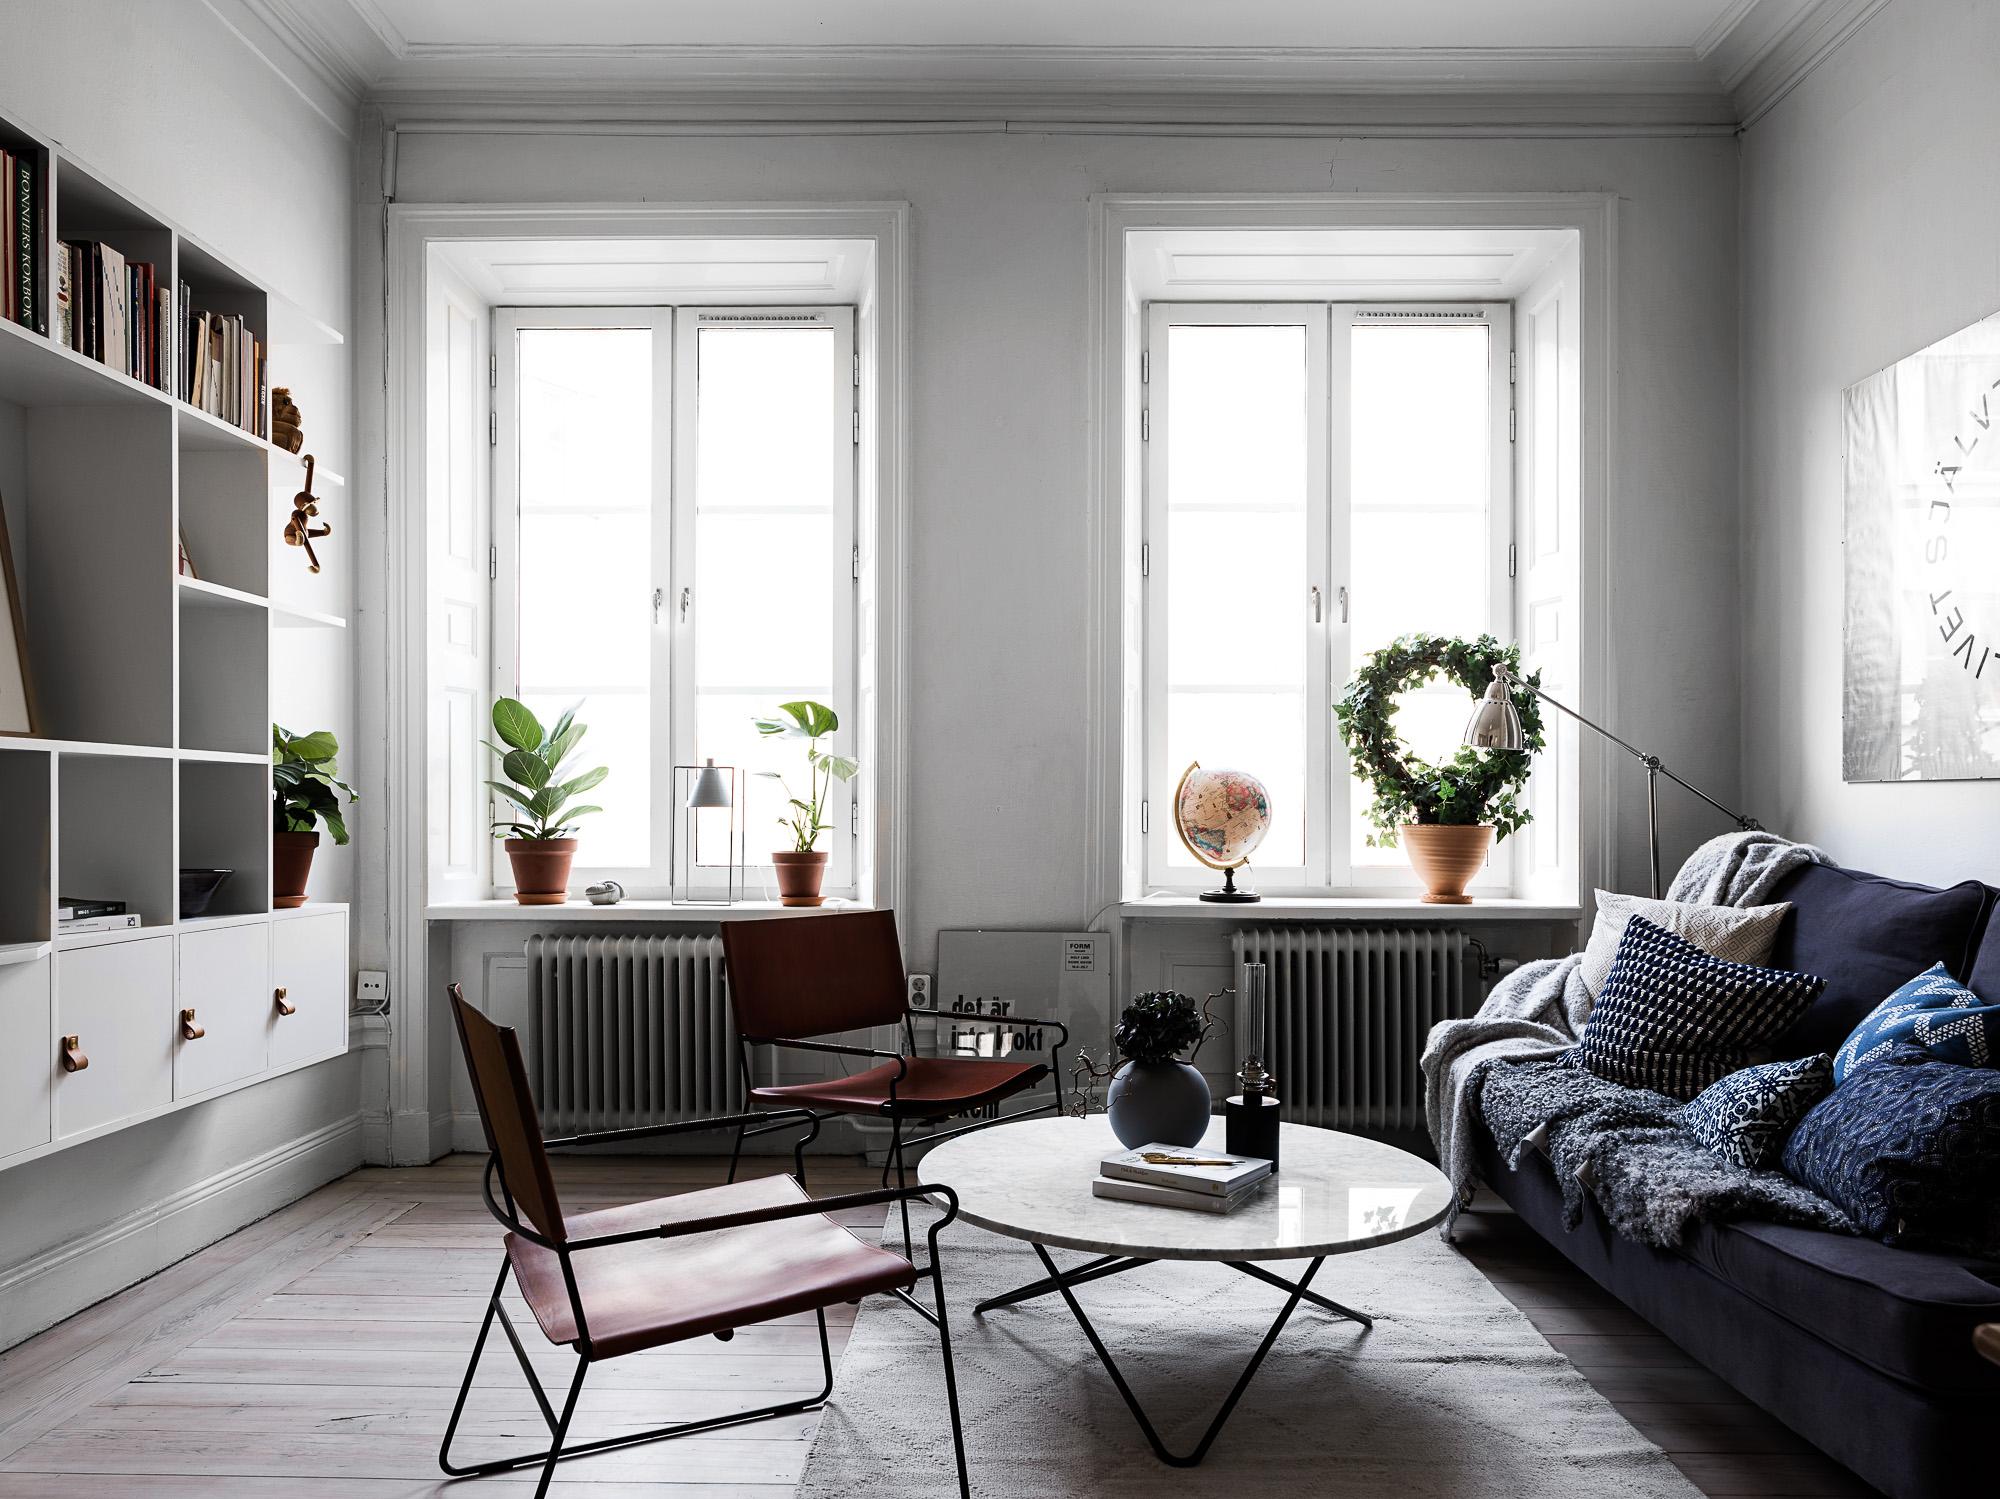 гостиная диван подушки кресла стеллаж окна